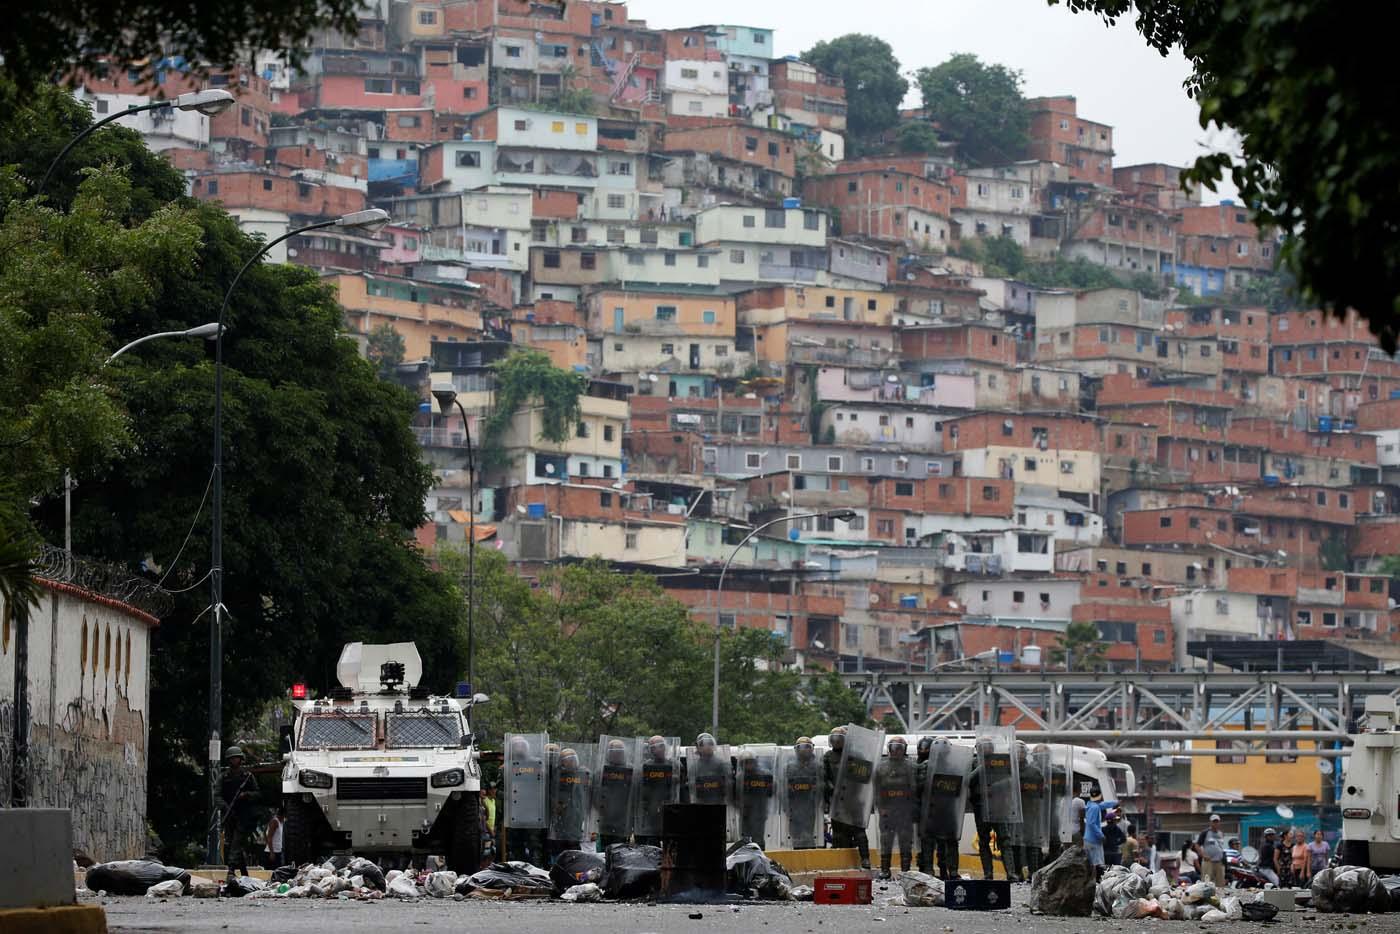 GNB en el puente de La Urbina reprimiendo a manifestantes REUTERS/Carlos Garcia Rawlins TPX IMAGES OF THE DAY